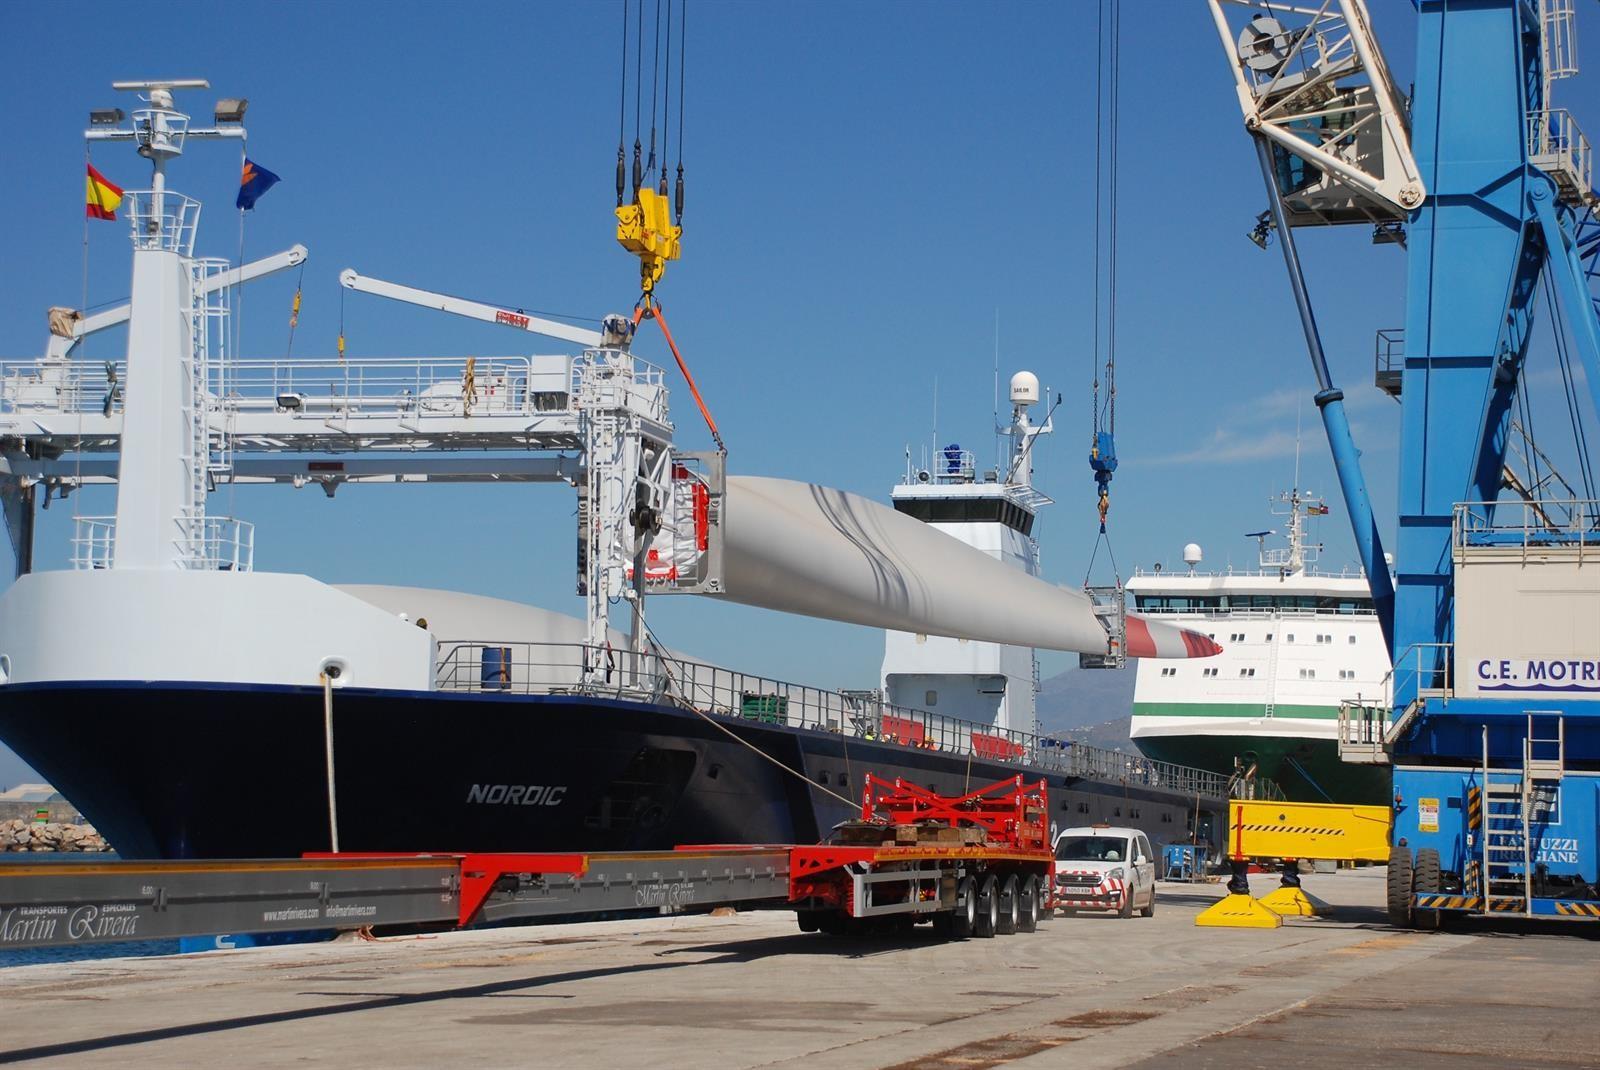 Sube la exportación desde Motril de las mayores palas para aerogeneradores de España